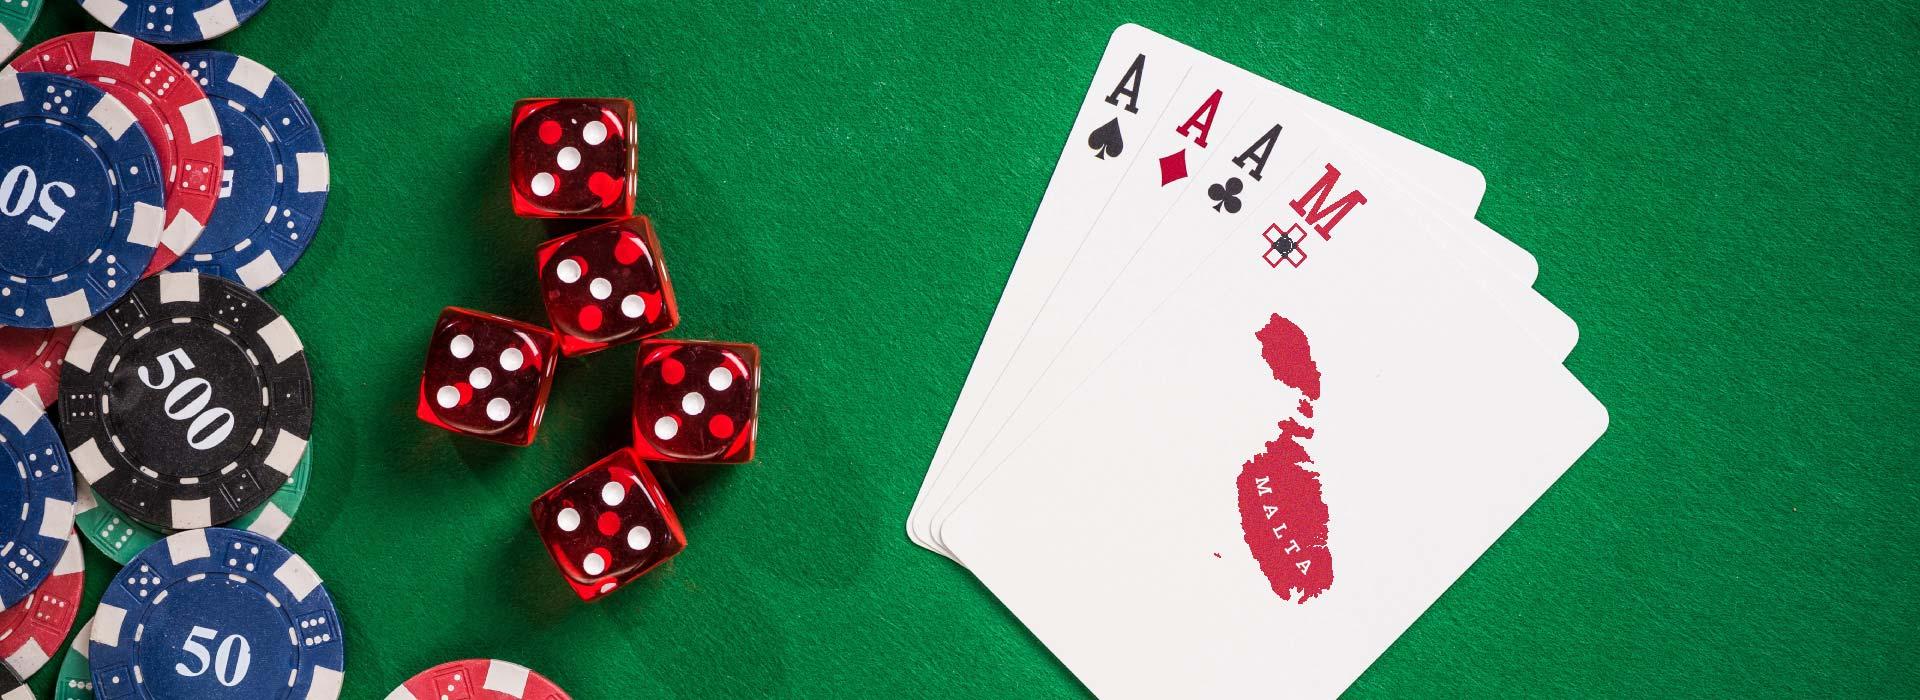 gambling blogs